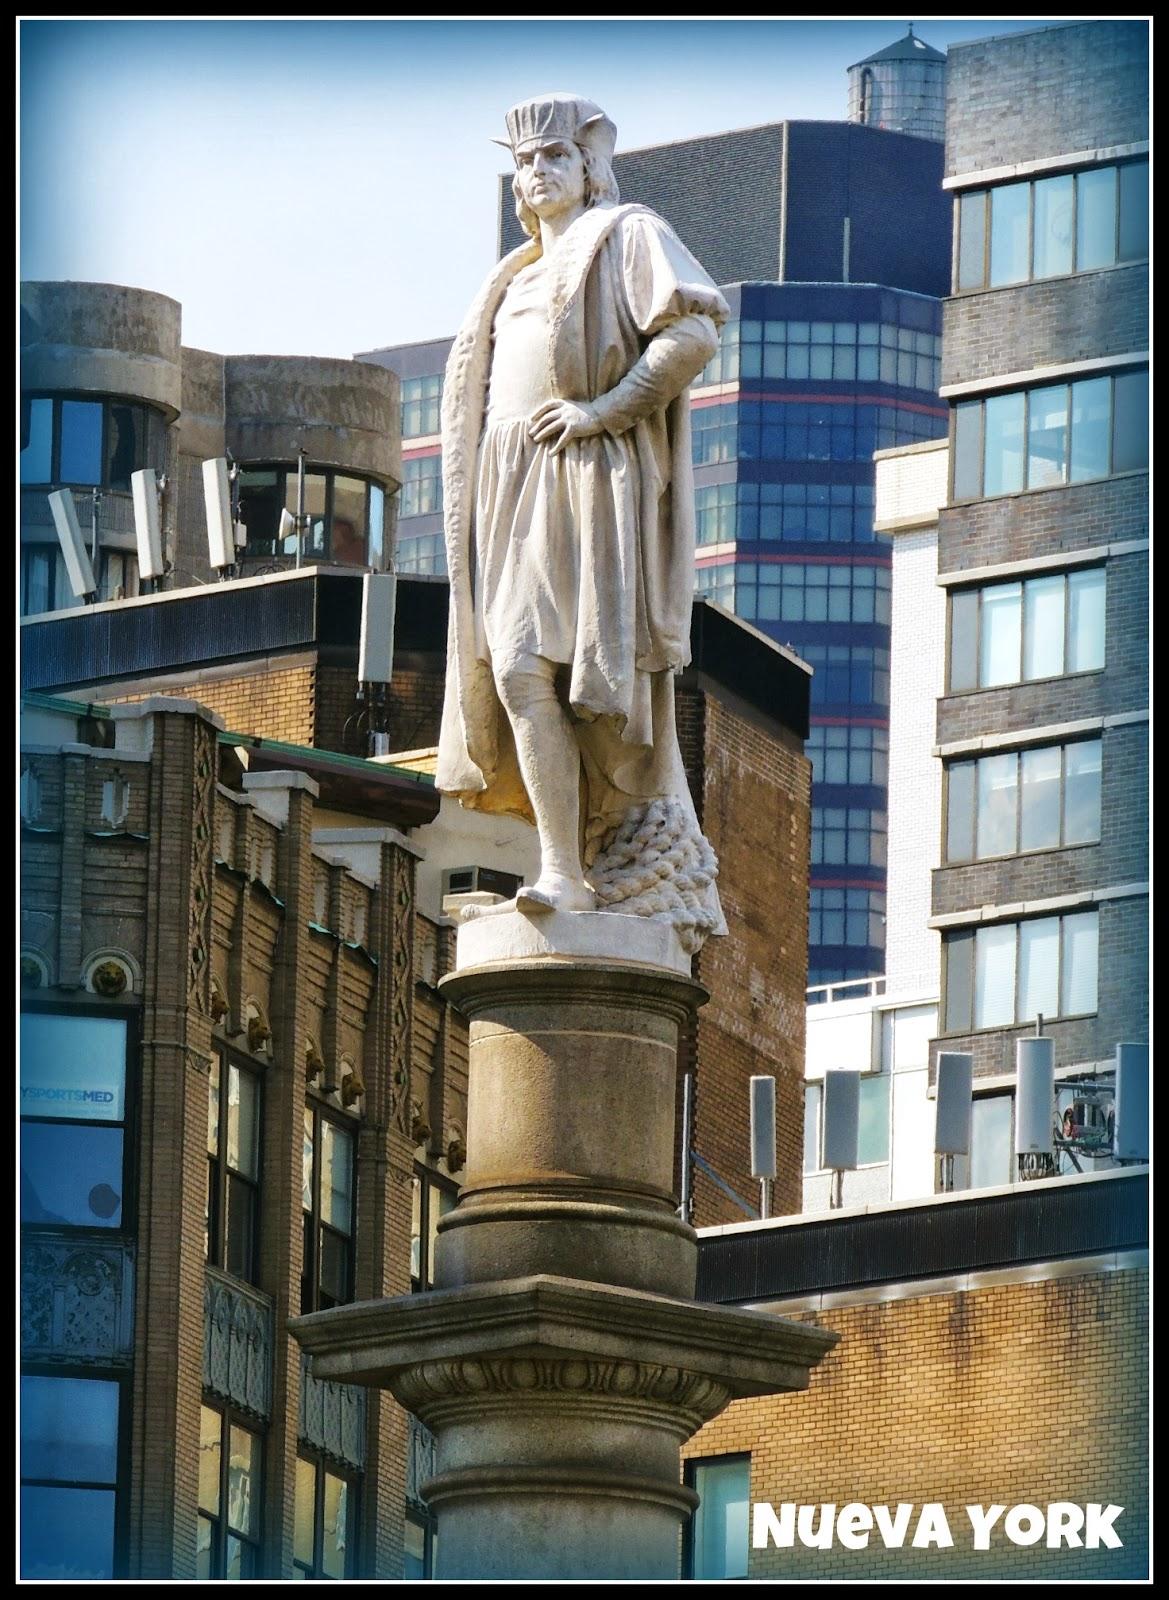 Estatua de Cristobal Colón en Nueva York